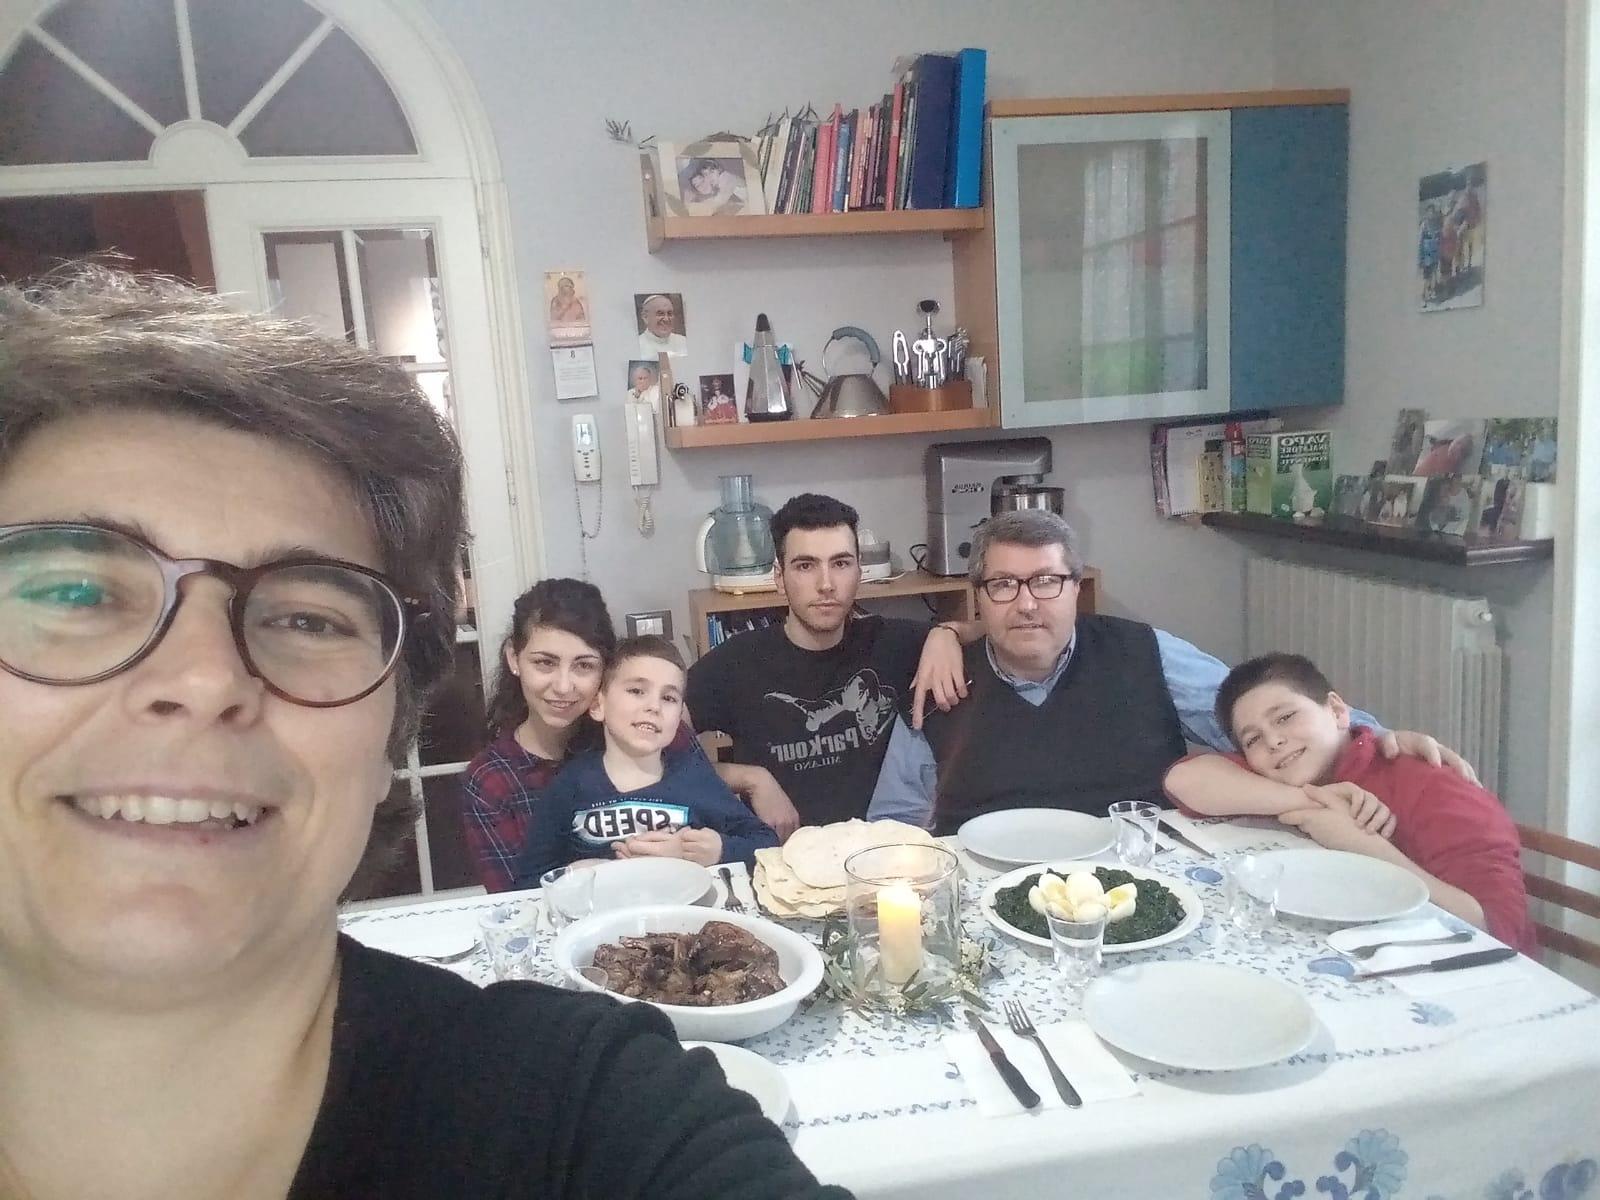 Cena pasquale ebraica 2020 (2)